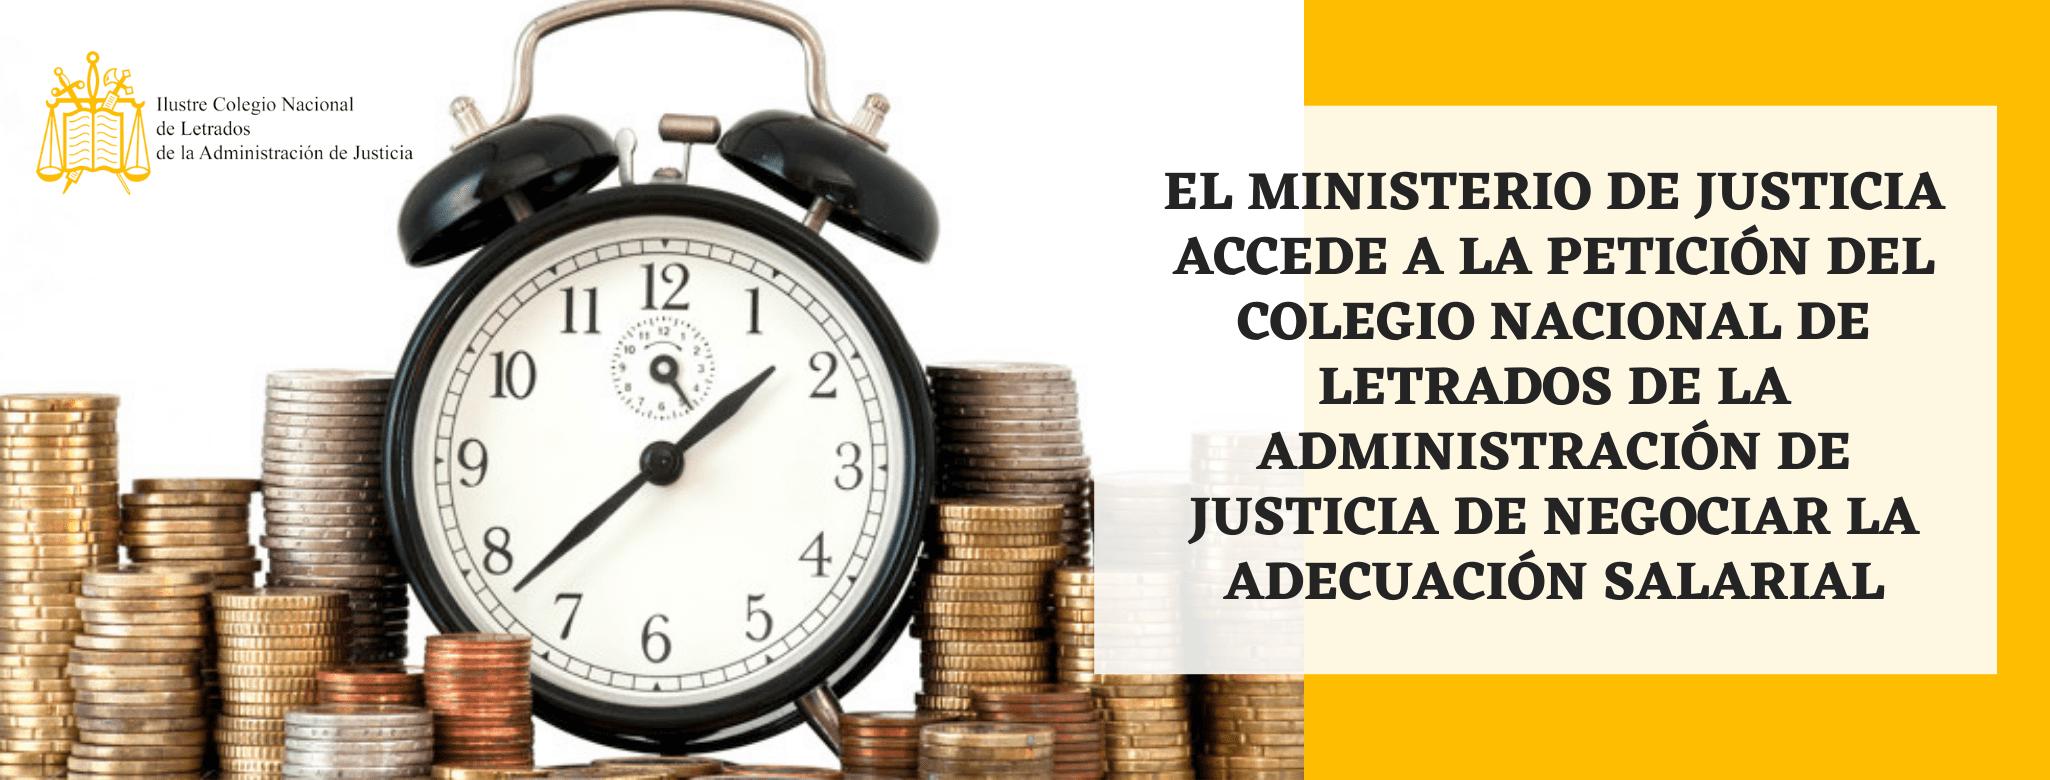 adecuacion salarial letrados administracion justicia